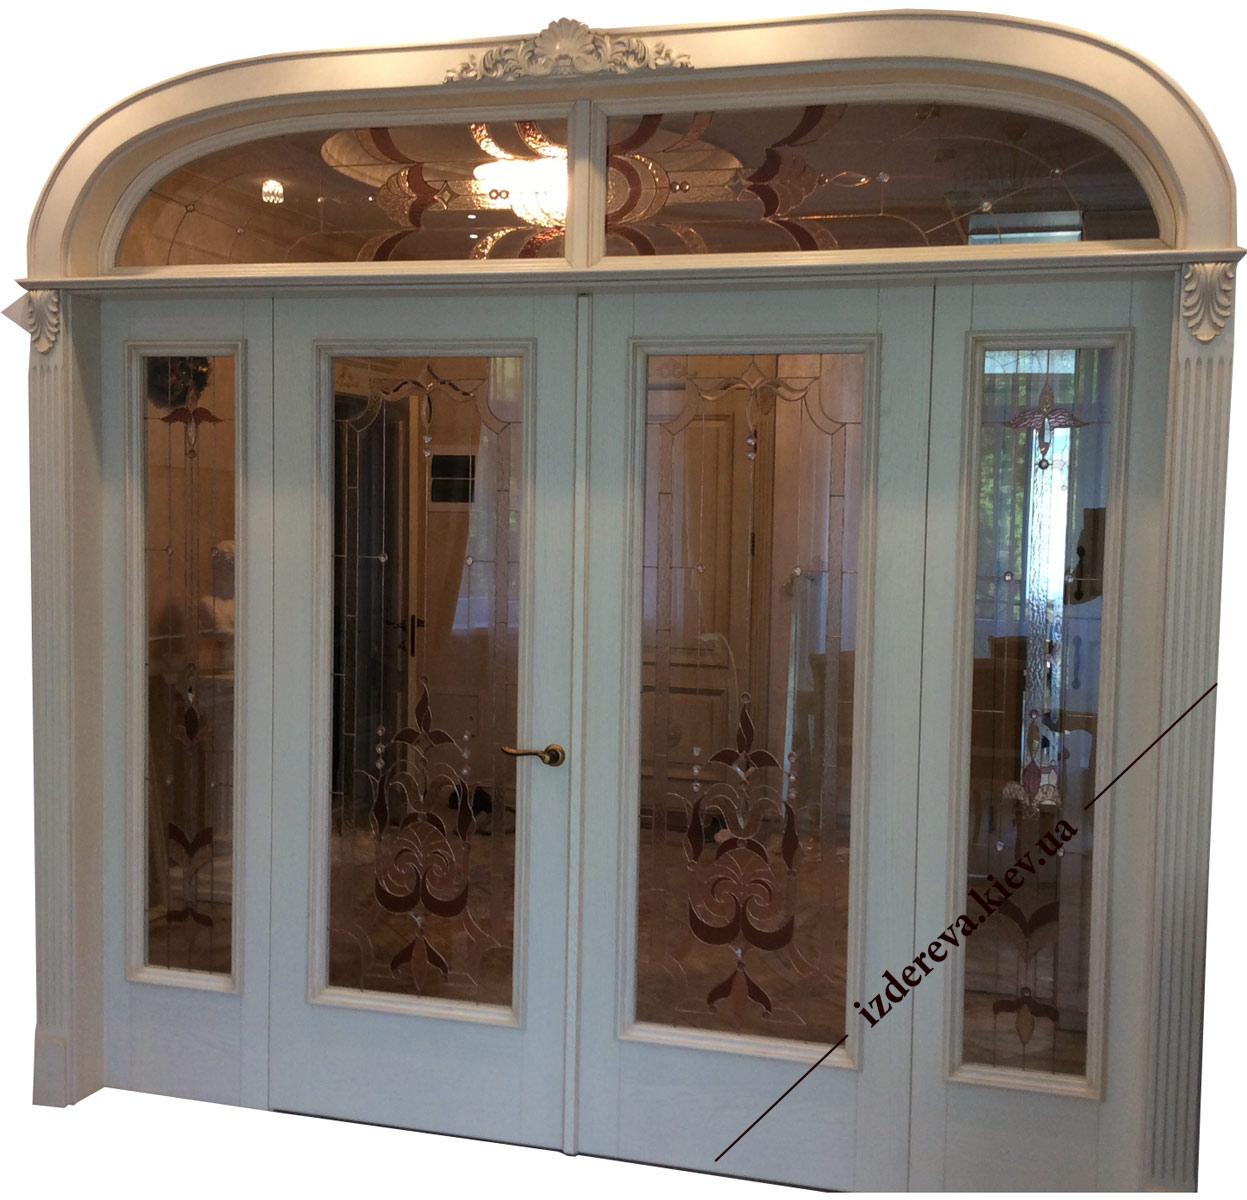 Міжкімнатні арочні двері Київ